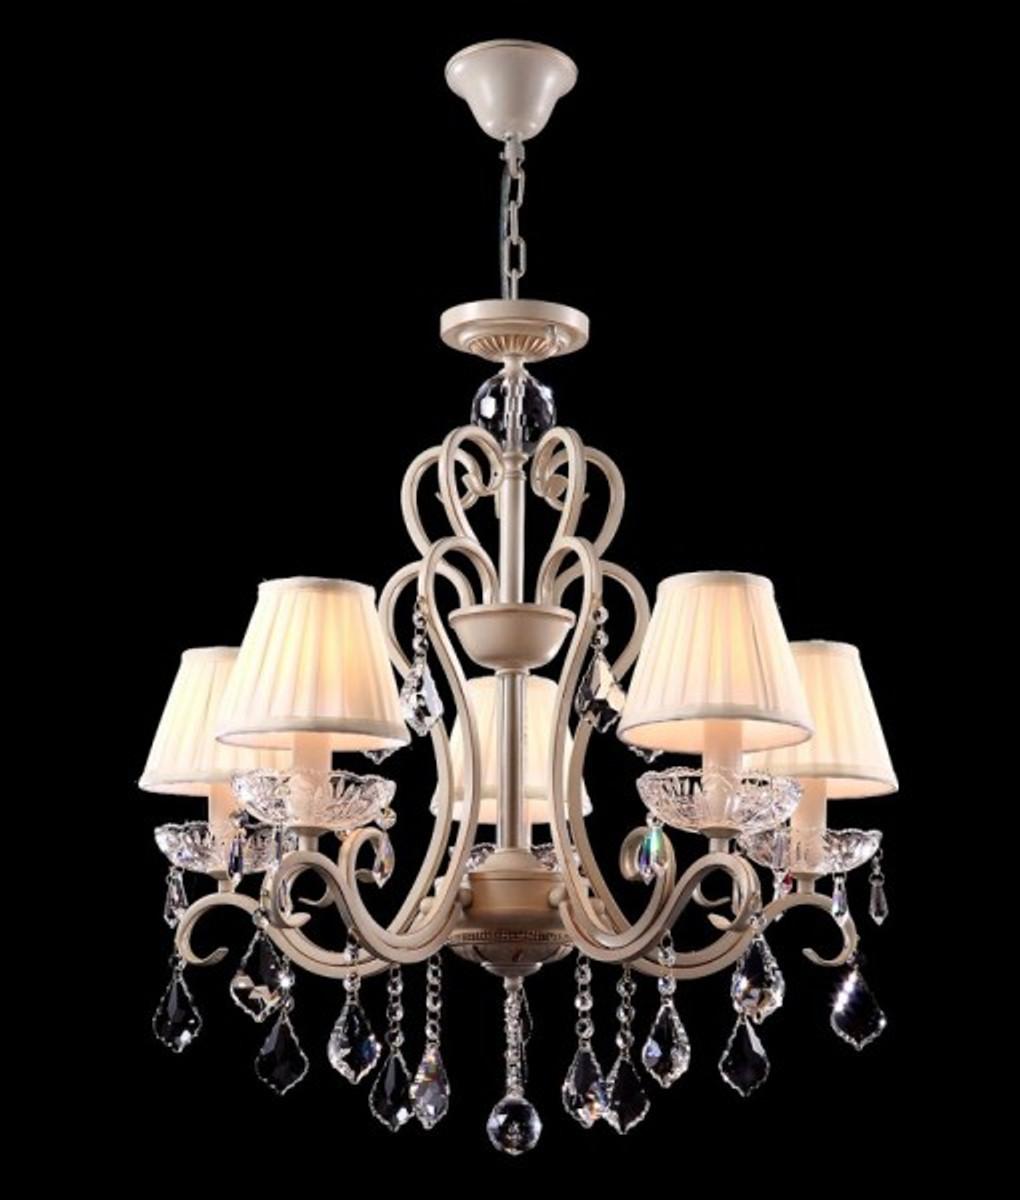 Erstaunlich Casa Padrino Barock Kristall Decken Kronleuchter Cream Gold 63 X H 70 Cm  Antik Stil